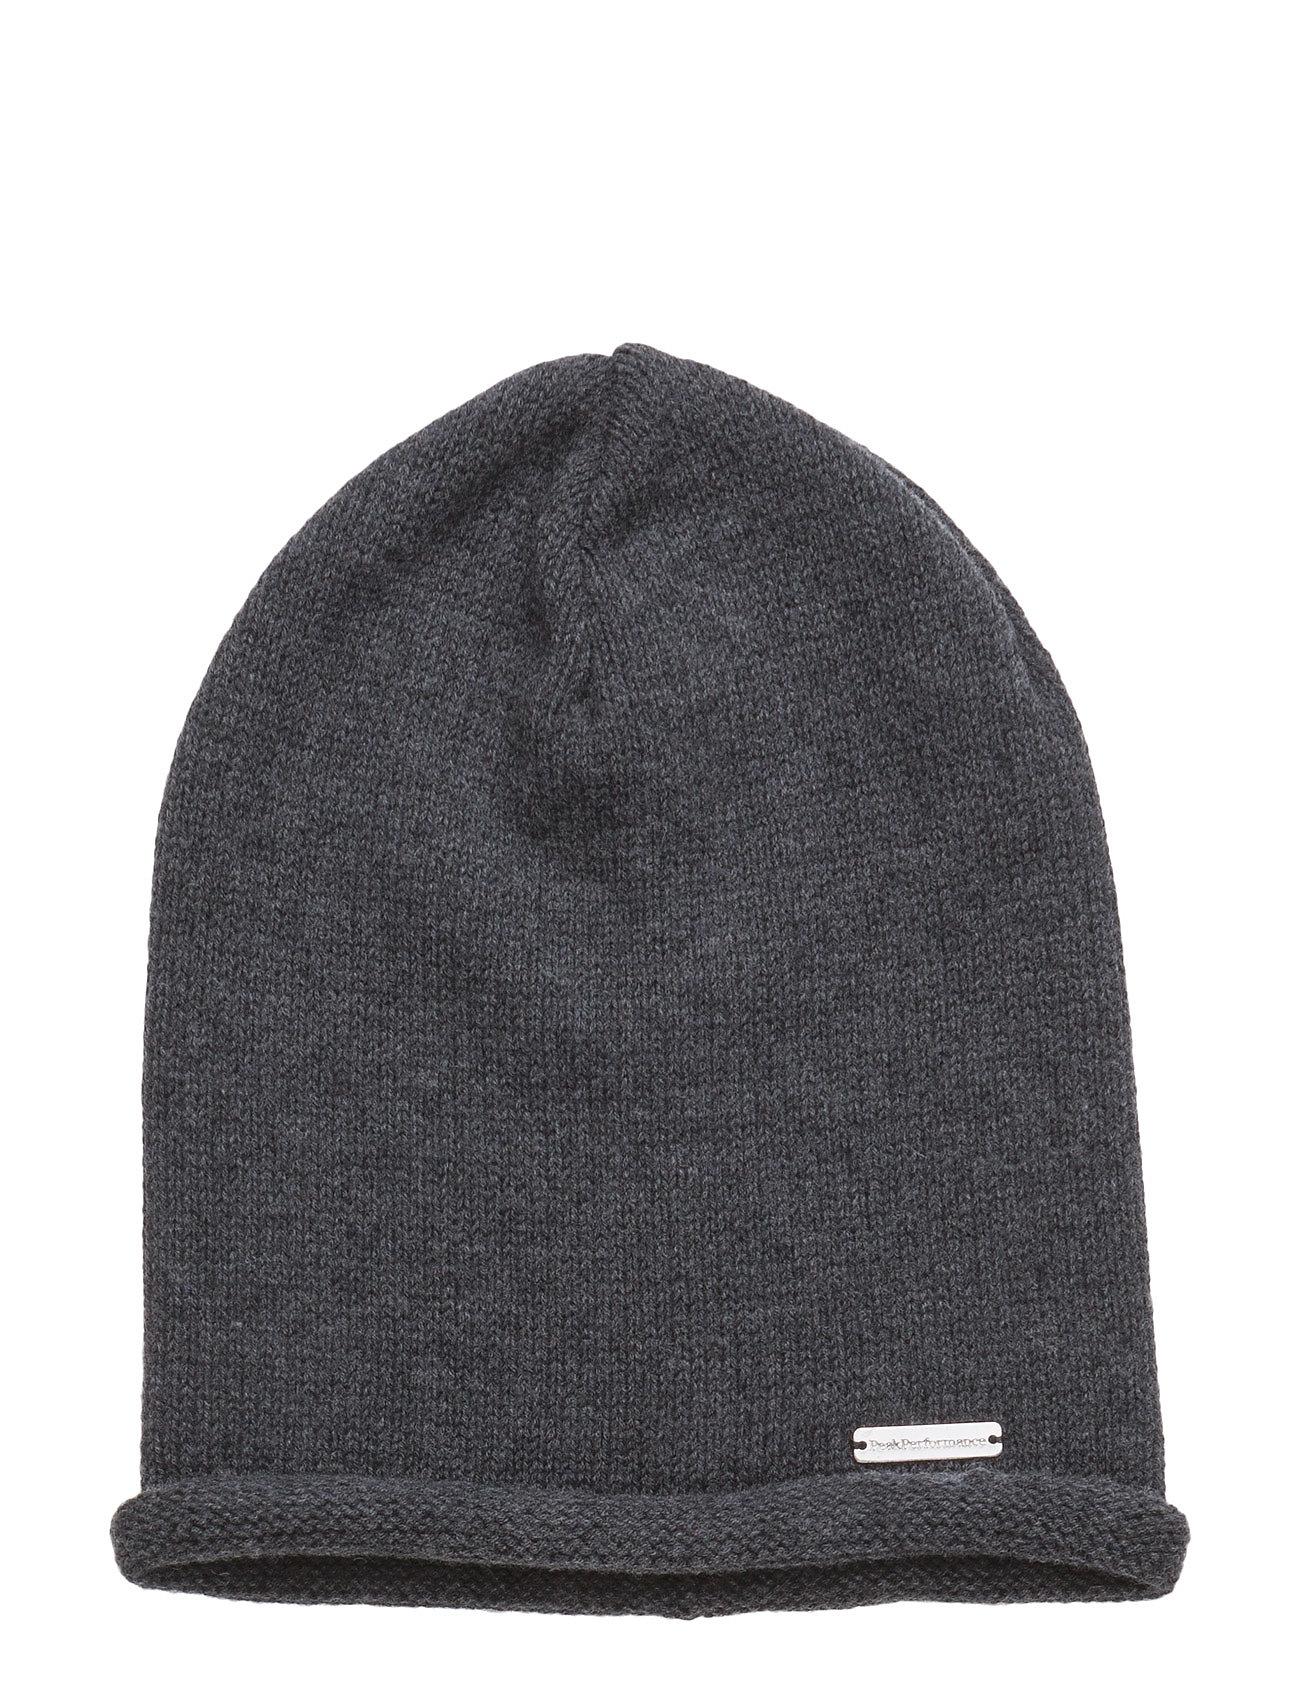 Warm Hat Peak Performance Sports accessories til Mænd i Sort